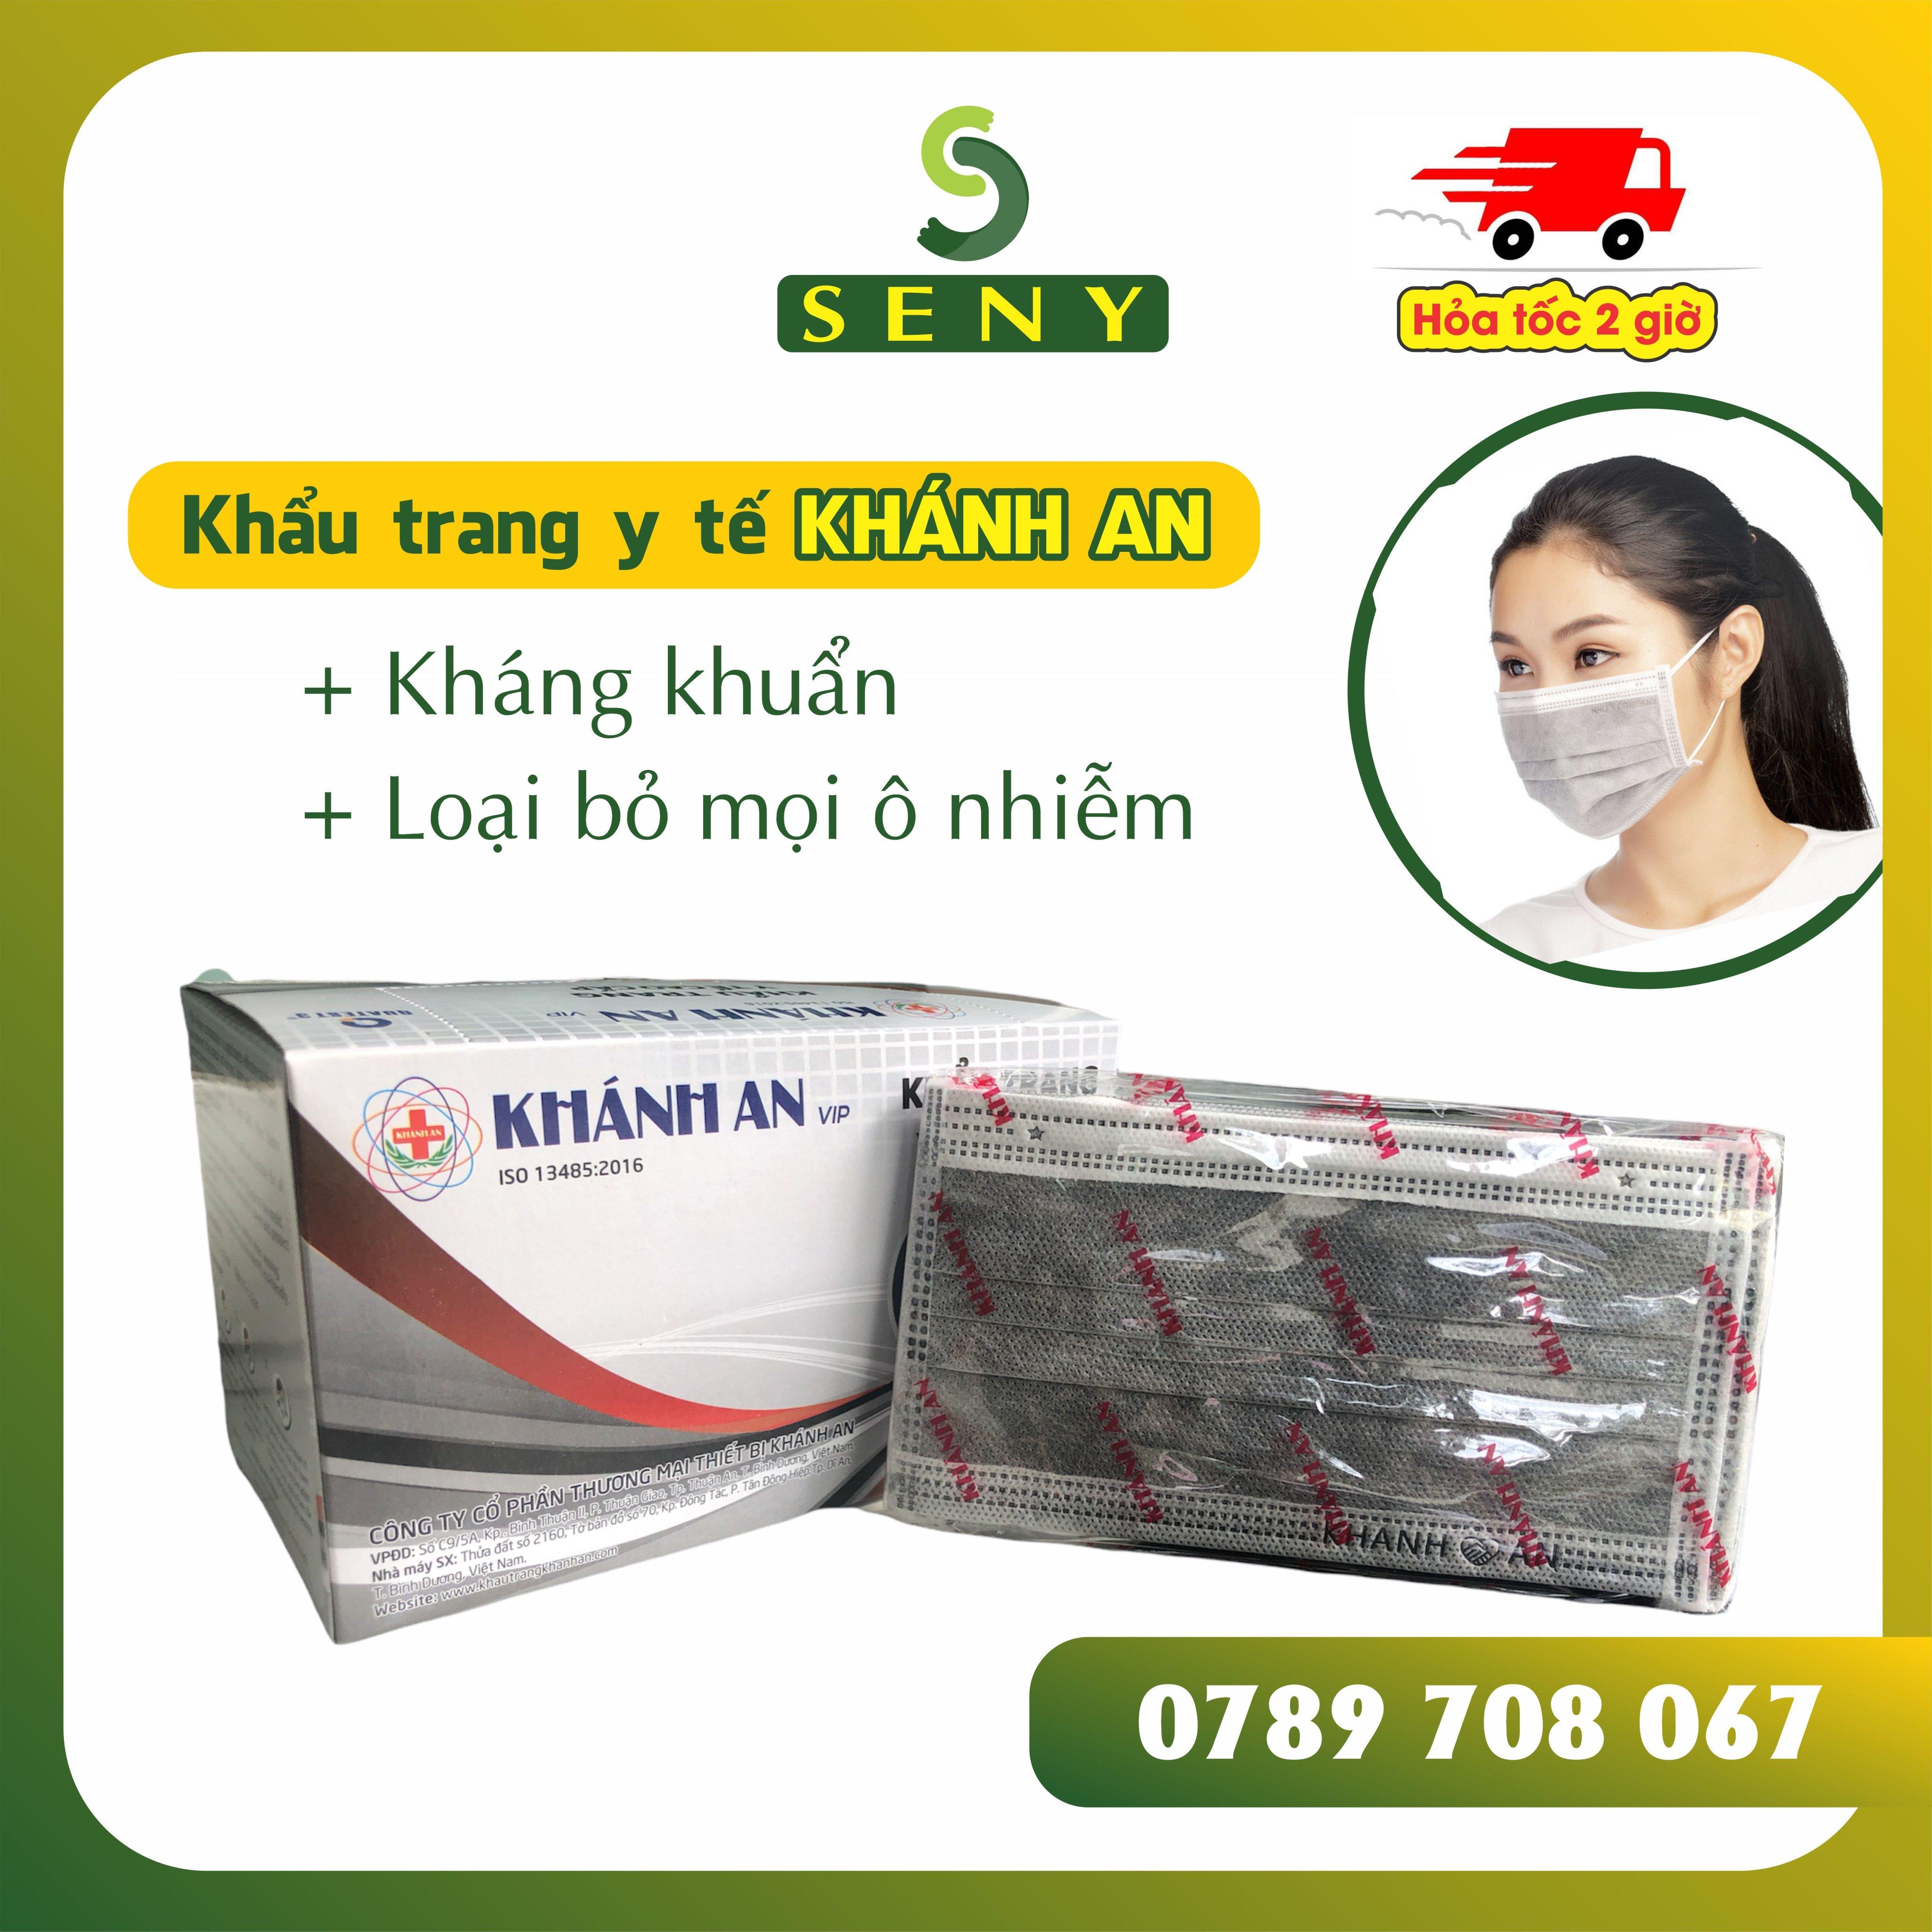 Khẩu Trang Y Tế 4 Lớp Kháng Khuẩn Hộp 50 Cái - Màu Xám (Face Mask Surgical Advanced)